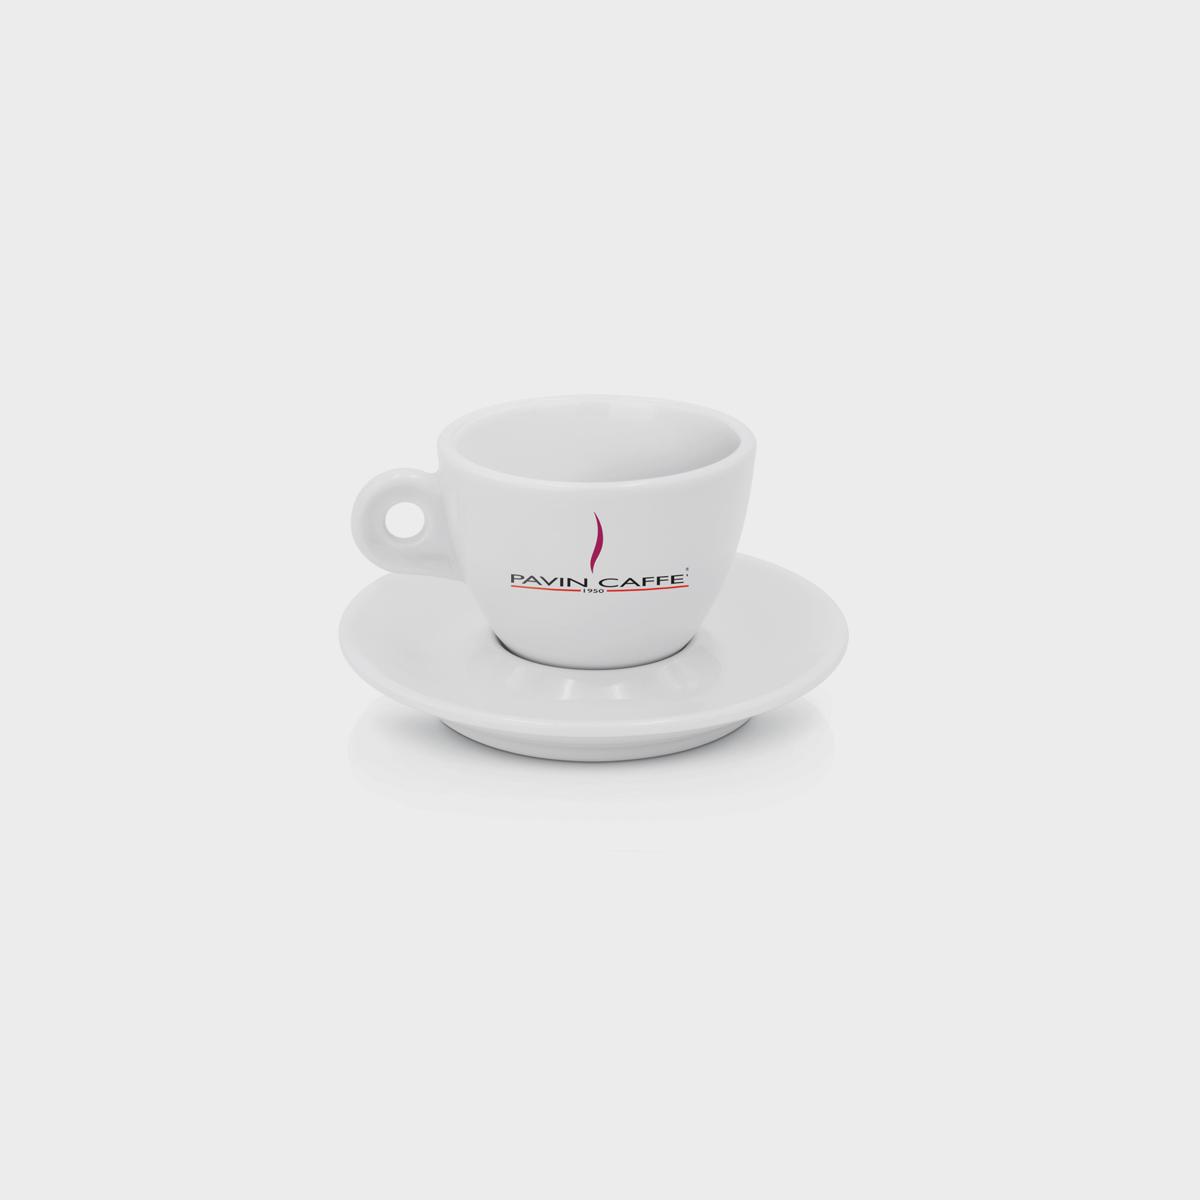 tazza-tonda-macchiatone-pavin-caffe